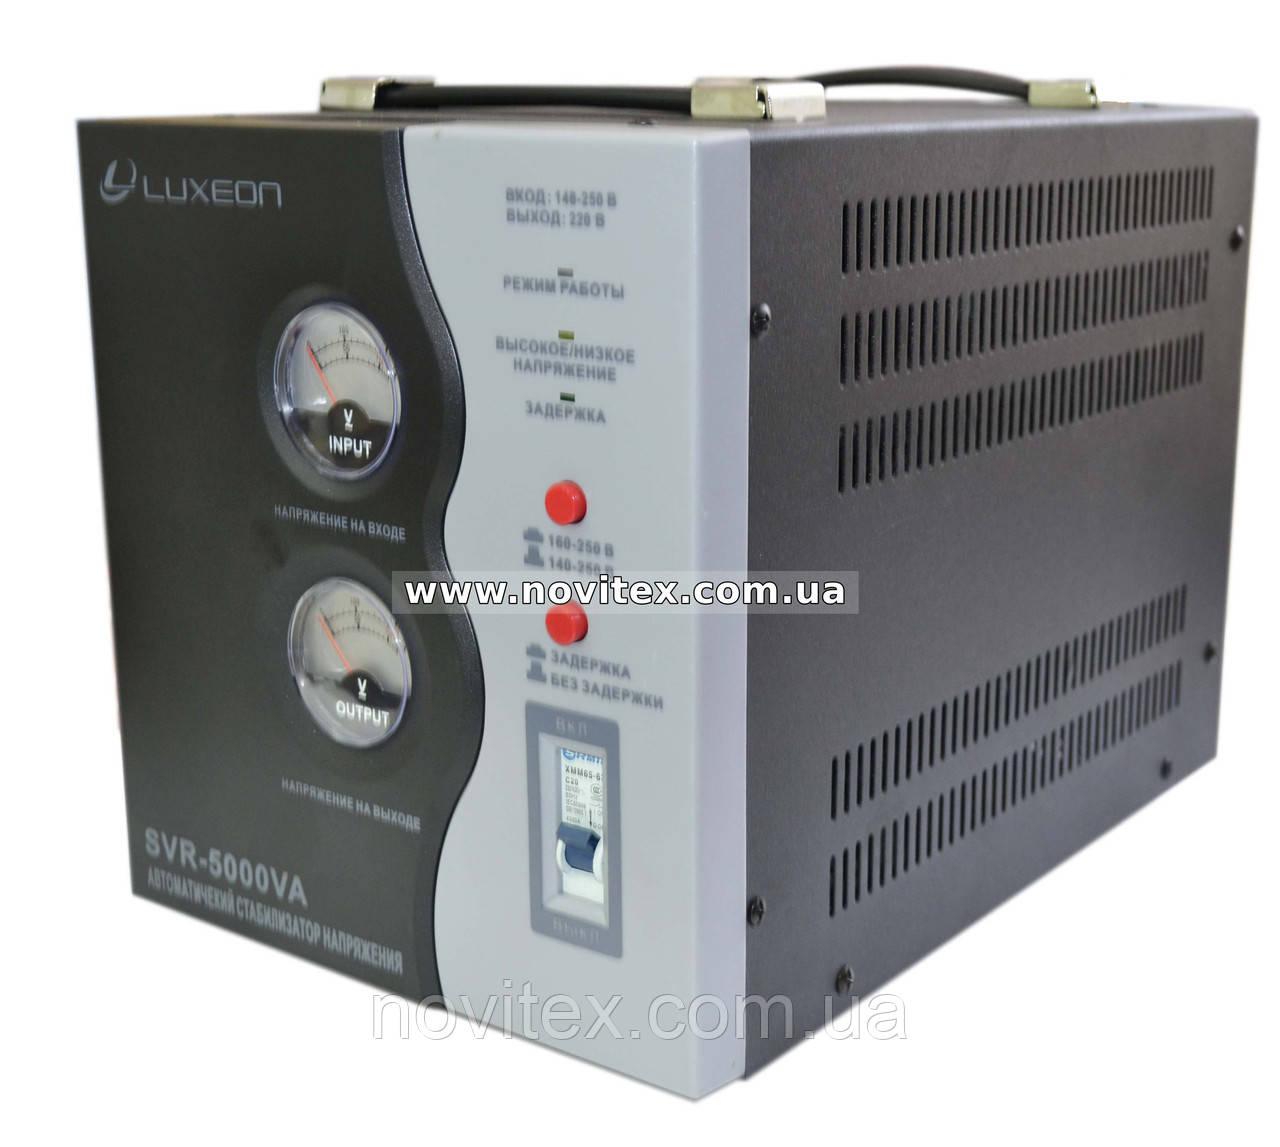 Стабилизатор Luxeon SVR-5000VA (3500Вт)